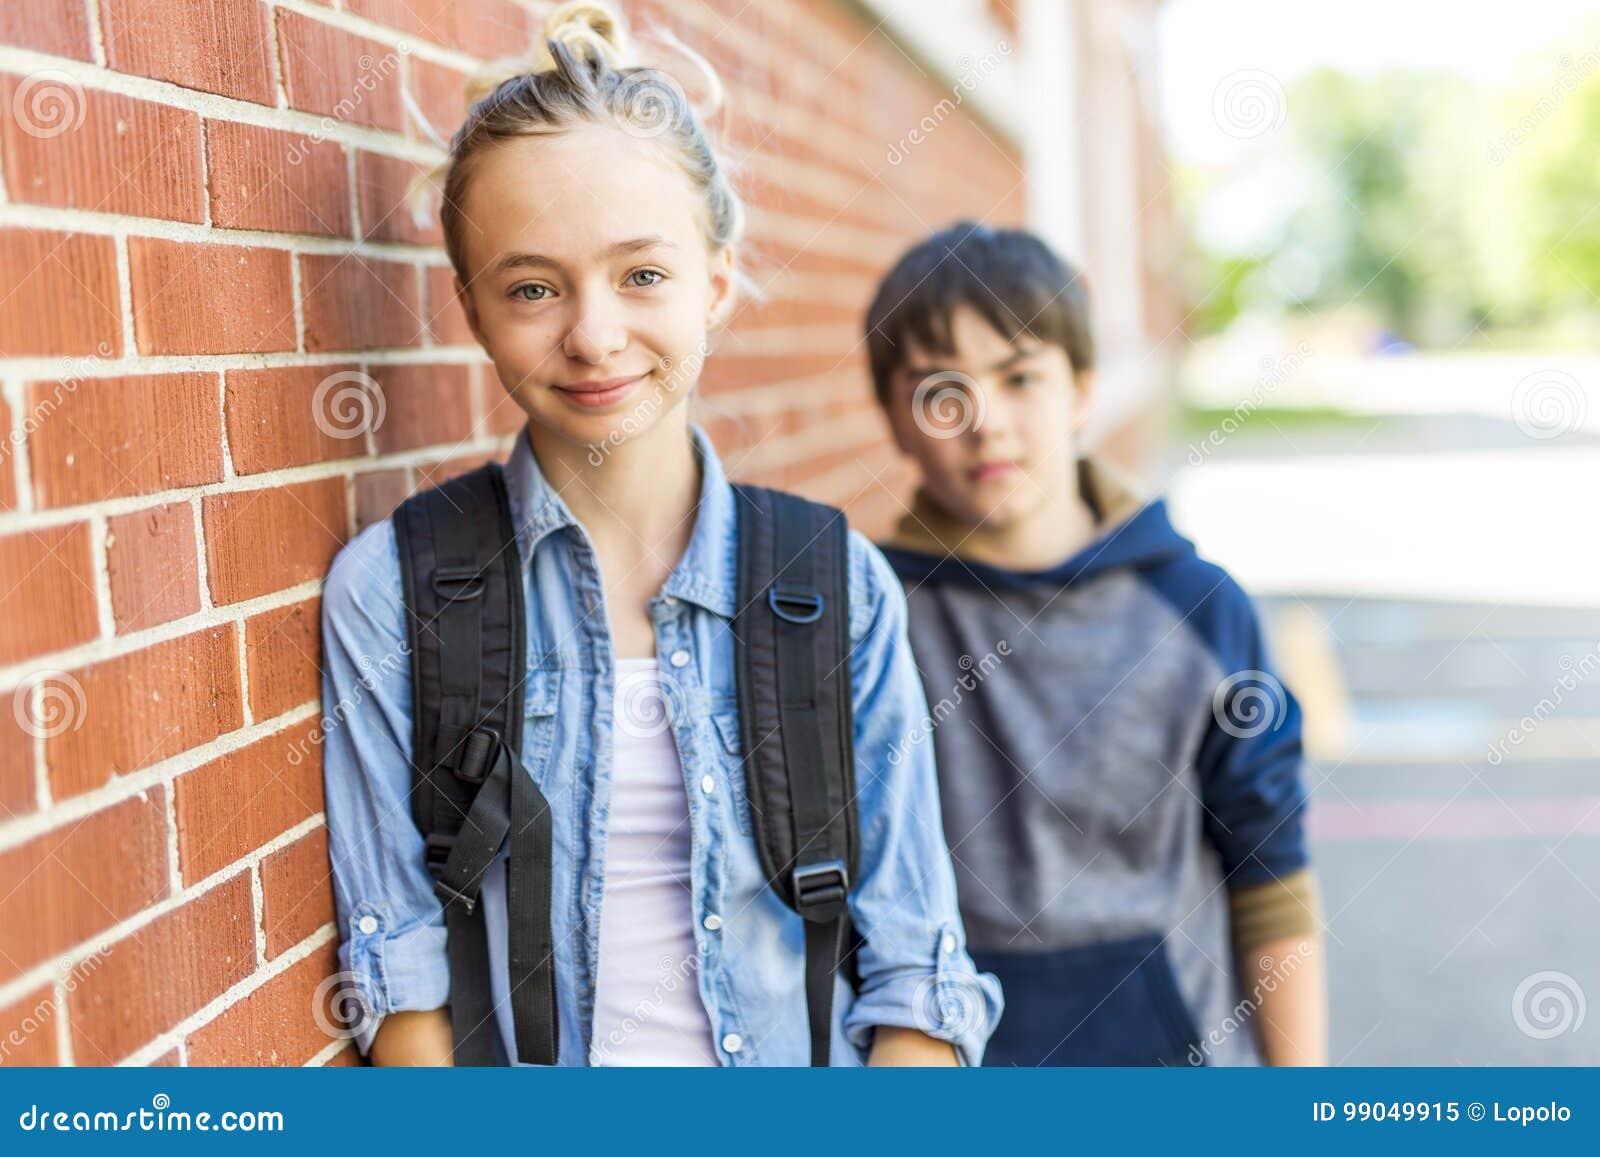 jongens van 10 jaar